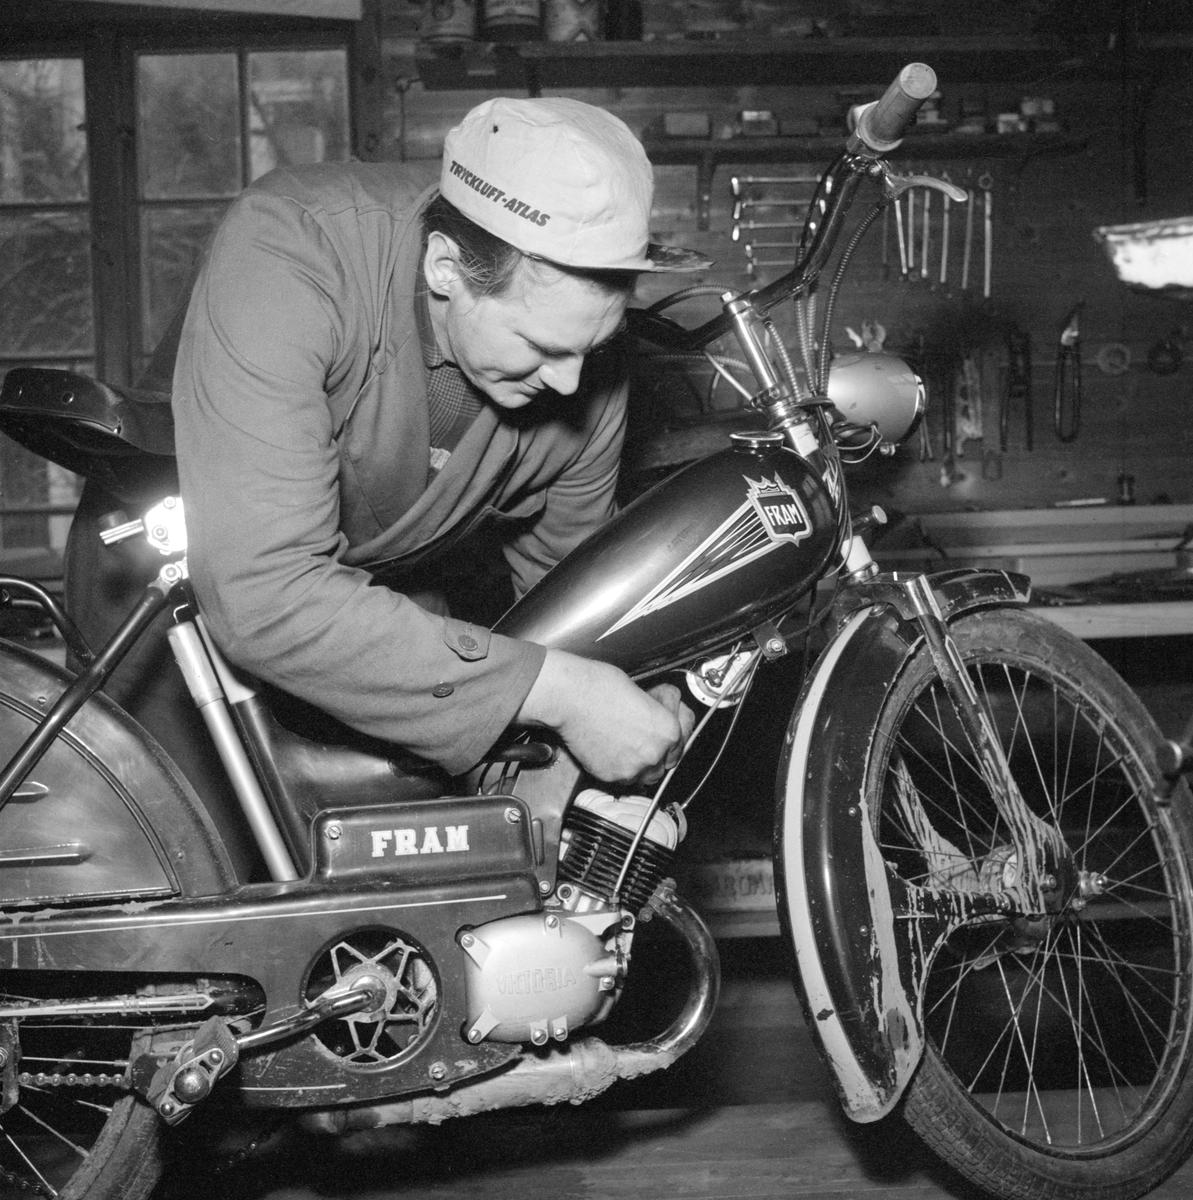 Reparatör Gösta Månsson skruvar på en svensktillverkad Fram modell 40, med den för typen tillhörande, tyska motorn Victoria MS50. Det tycks vara kontroll av tändstiftets funktion och så långt är det till synes ett alldagligt motiv. Det som gör scenen märkvärdig är att Gösta var synskadad men ändå lyckades driva sitt företag med nödtvunget småspill trots sin funktionsnedsättning. Från slutet av 1950-talet till sin pension drev han verkstad på Skänningevägen i Borensberg och många är de ortsbor som minns hans flinkhet. Född 1924 kom han långt efter tiden för bilden att gifta sig med en kvinna vars gemensamma försyn förde dem till Kristinehamn. Han avled där 2011, kort före han blivit änkling.